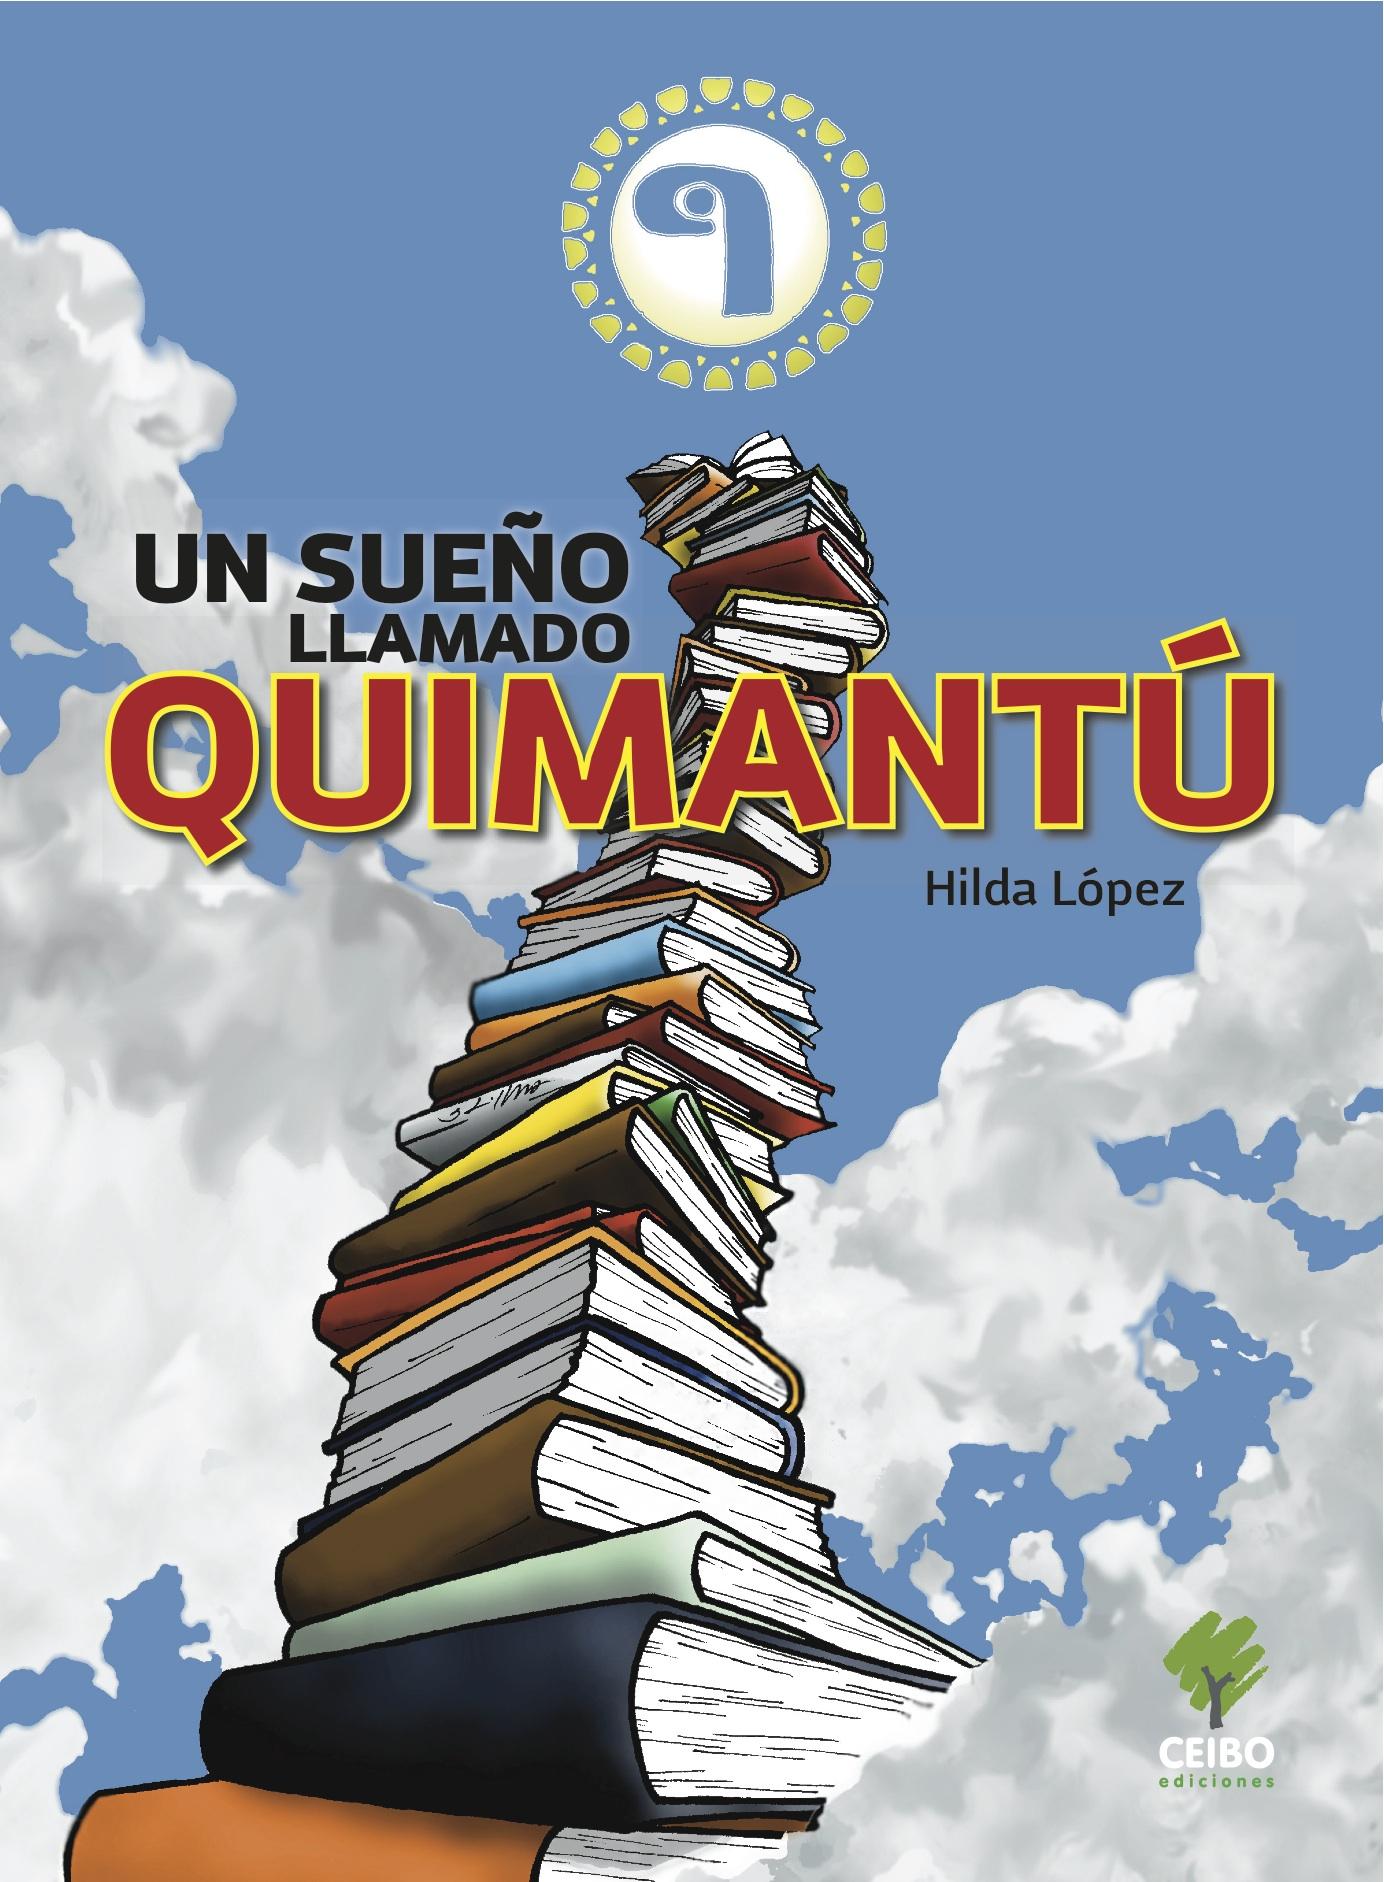 Se lanza 'Un sueño llamado Quimantú' en la FILSA 2014